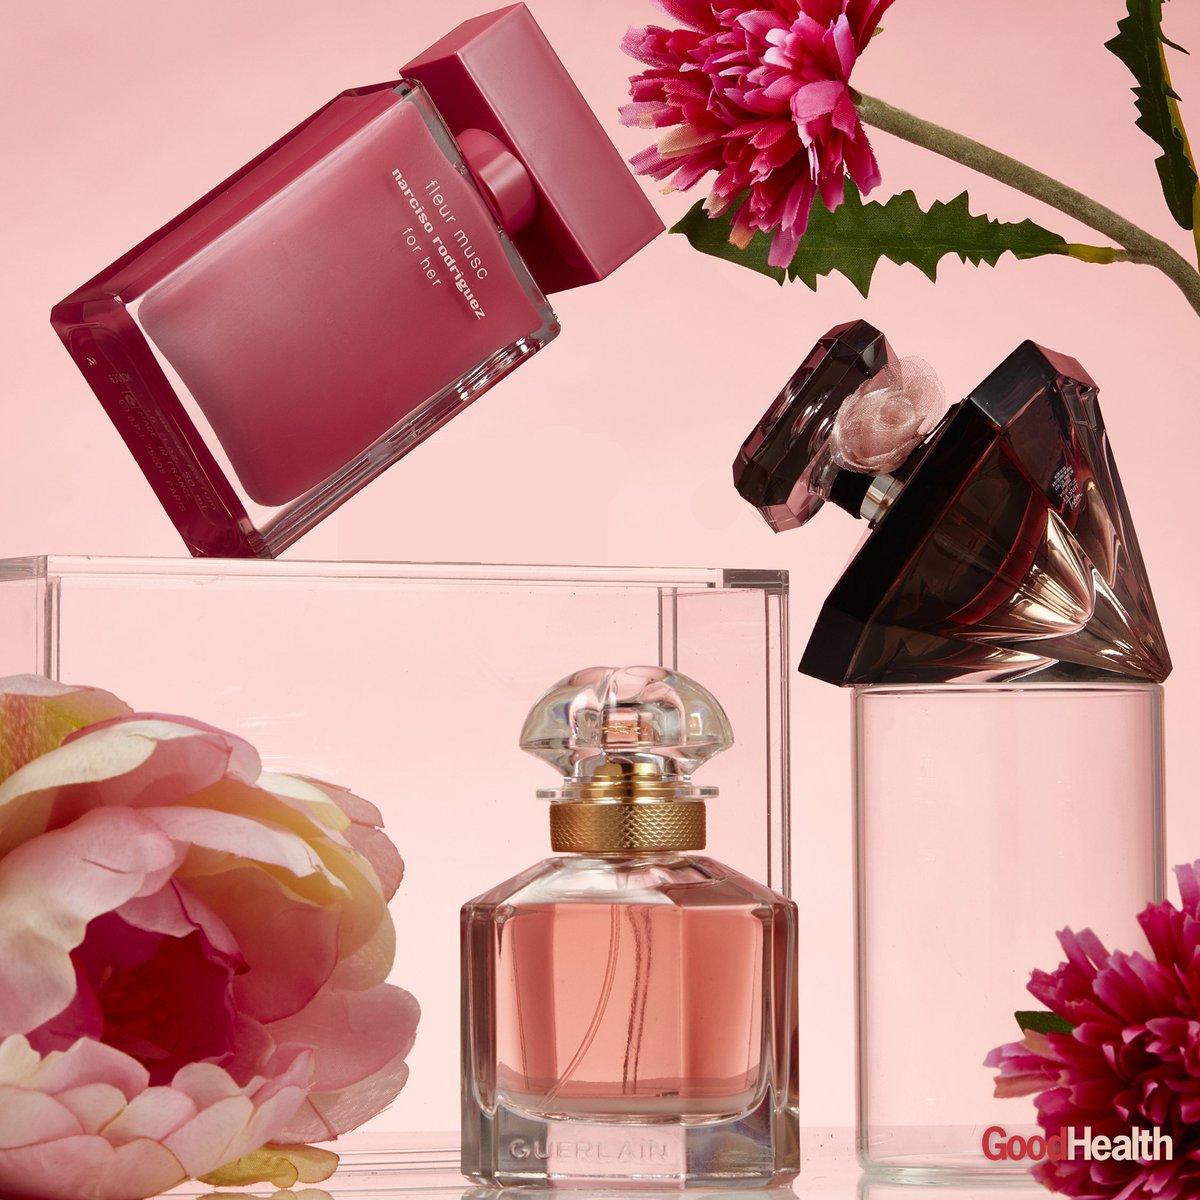 Hiểu về nhánh mùi hương Phương Đông trong thế giới nước hoa